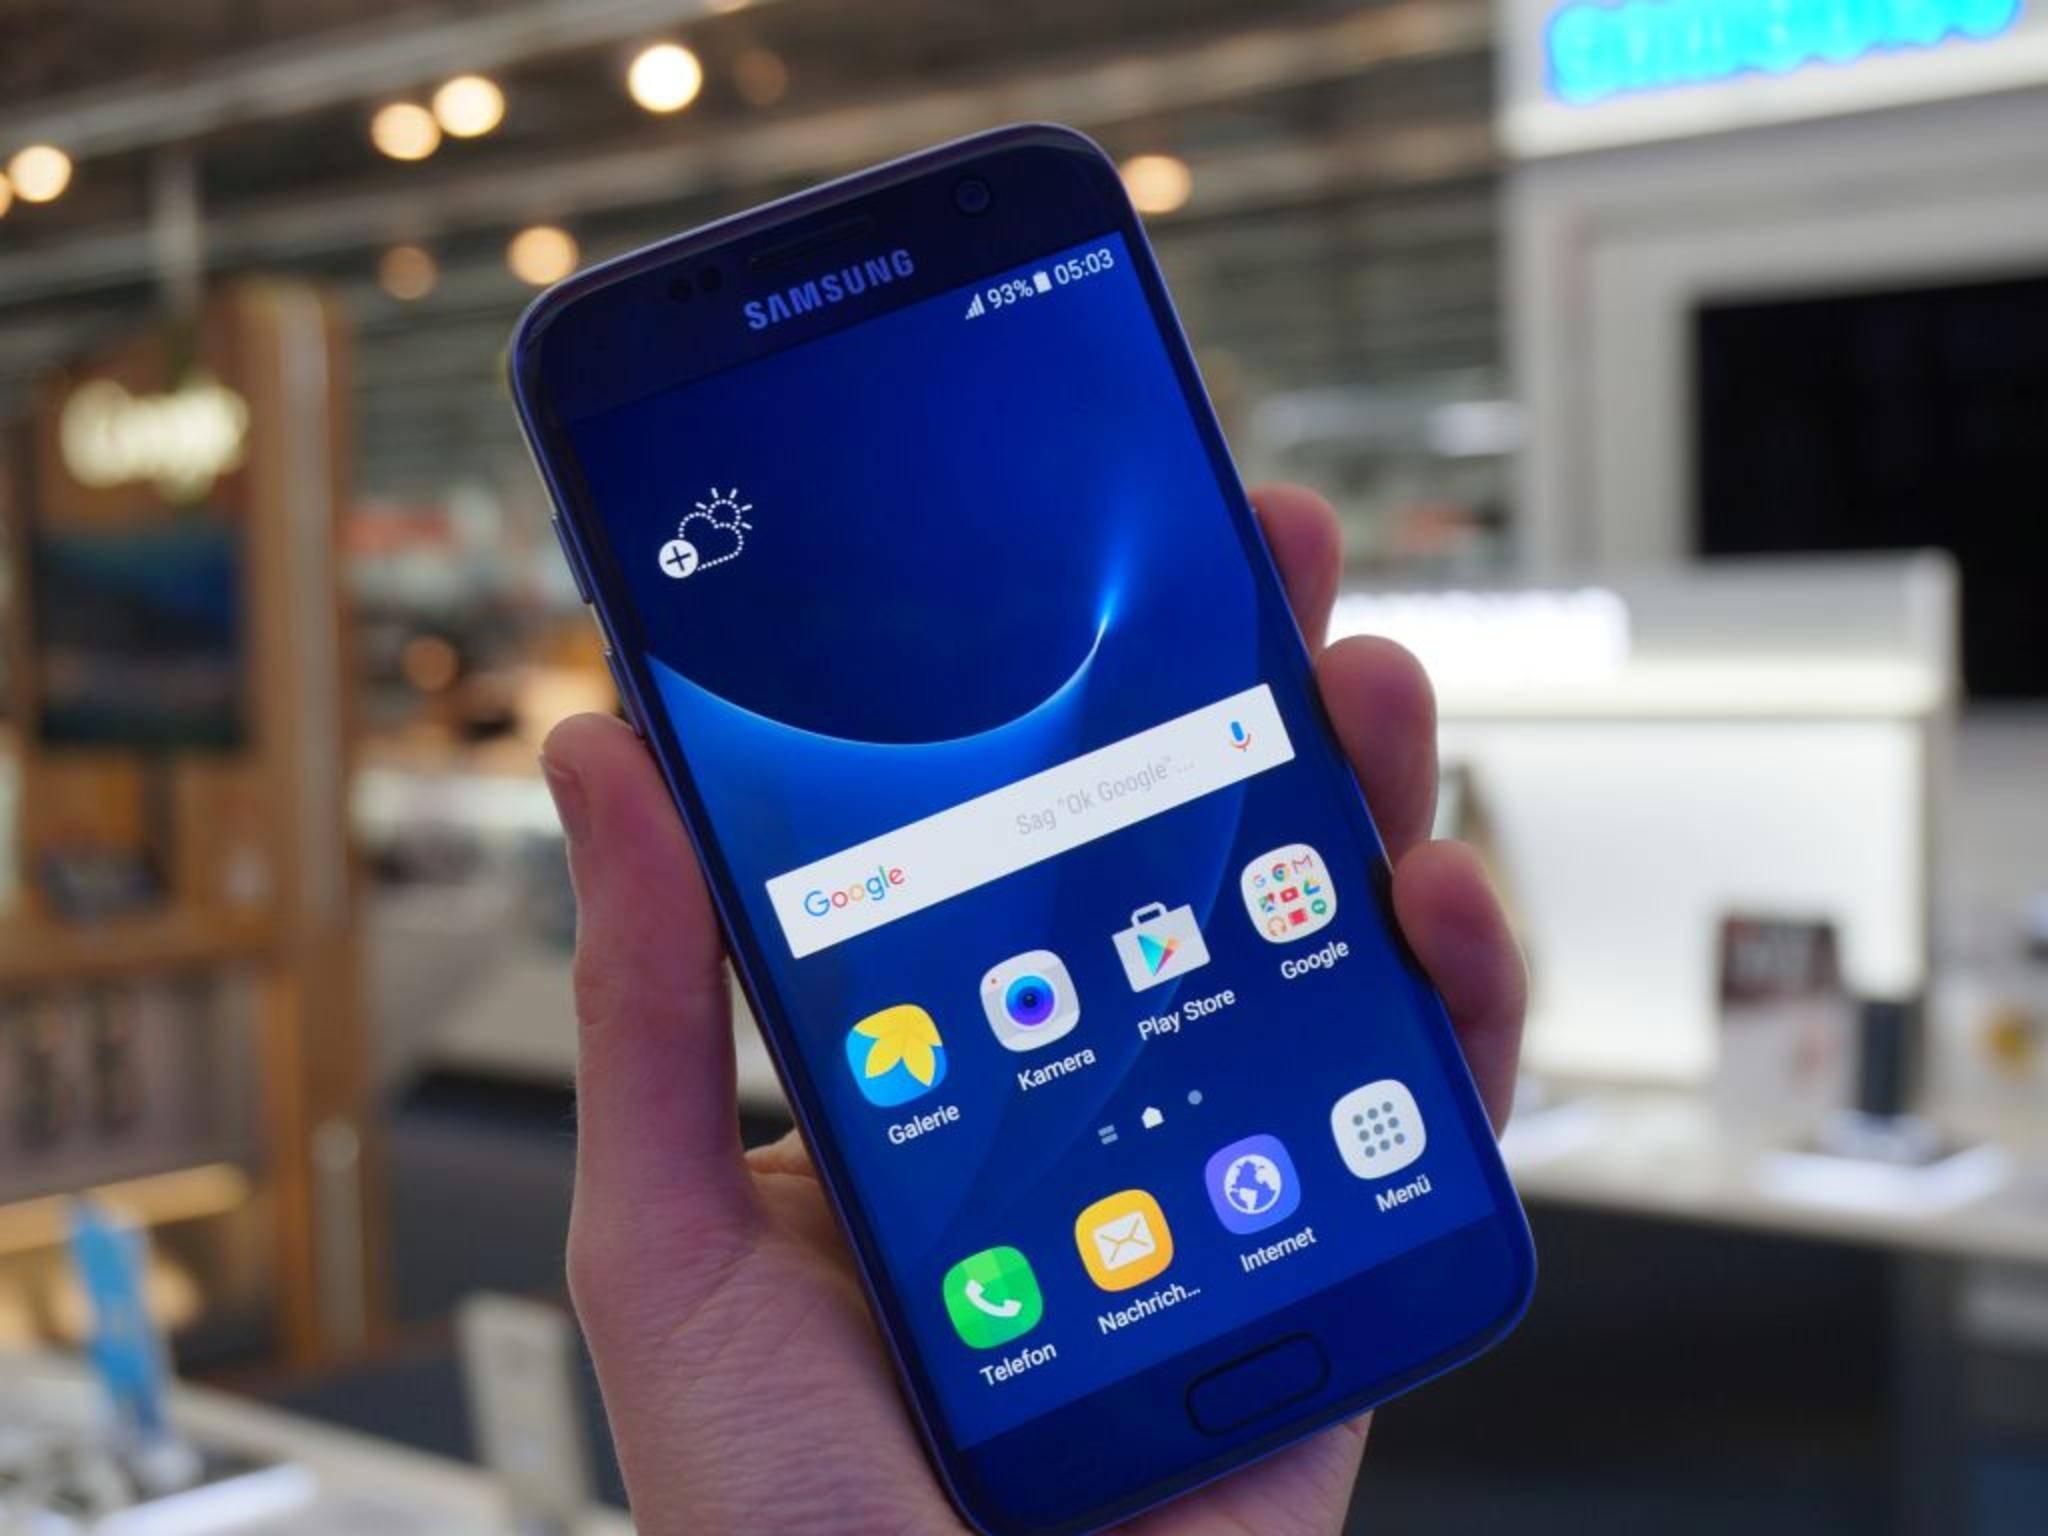 Das Galaxy S7 wird zum Verkaufsstart 159 neue Emojis haben.